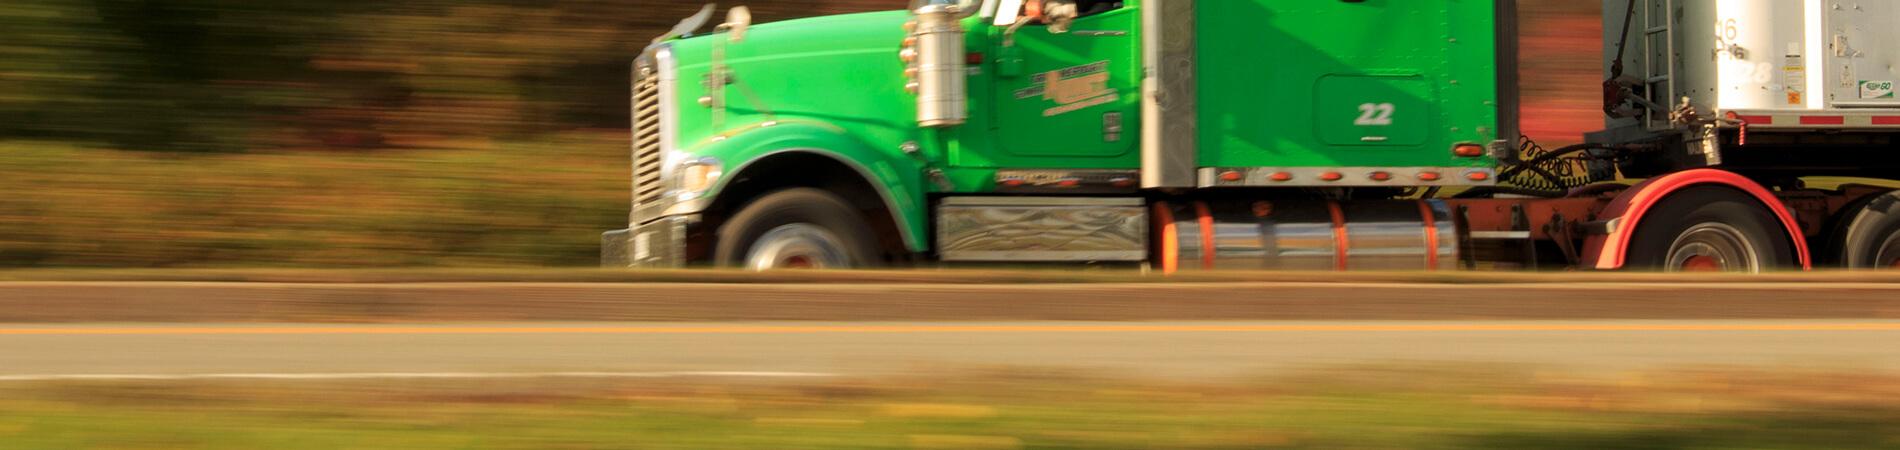 sed-banner_transport-freight.jpg